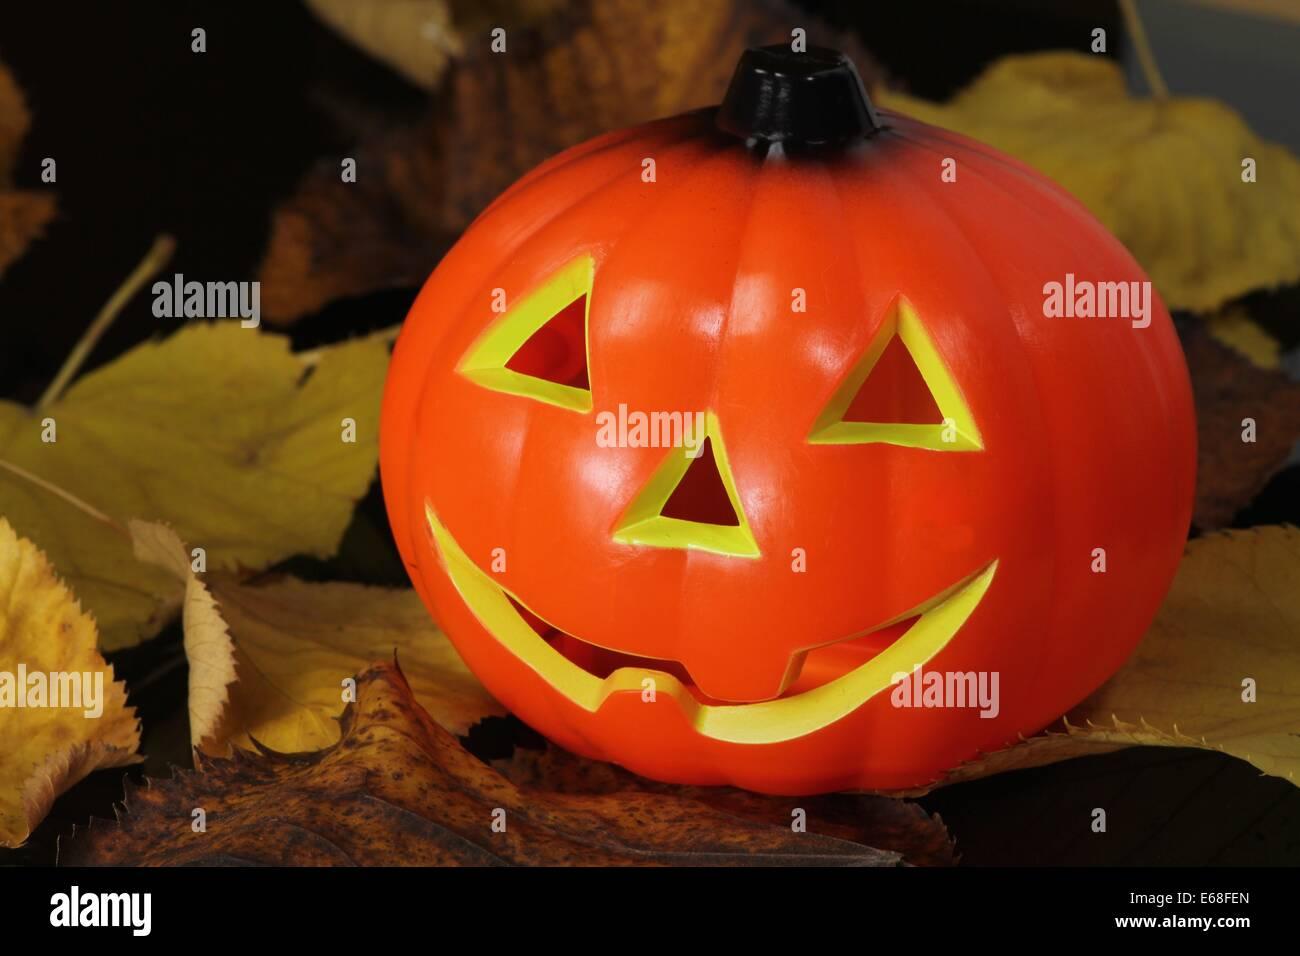 Nett Halloween Kürbis Färbung Seite Zeitgenössisch - Druckbare ...